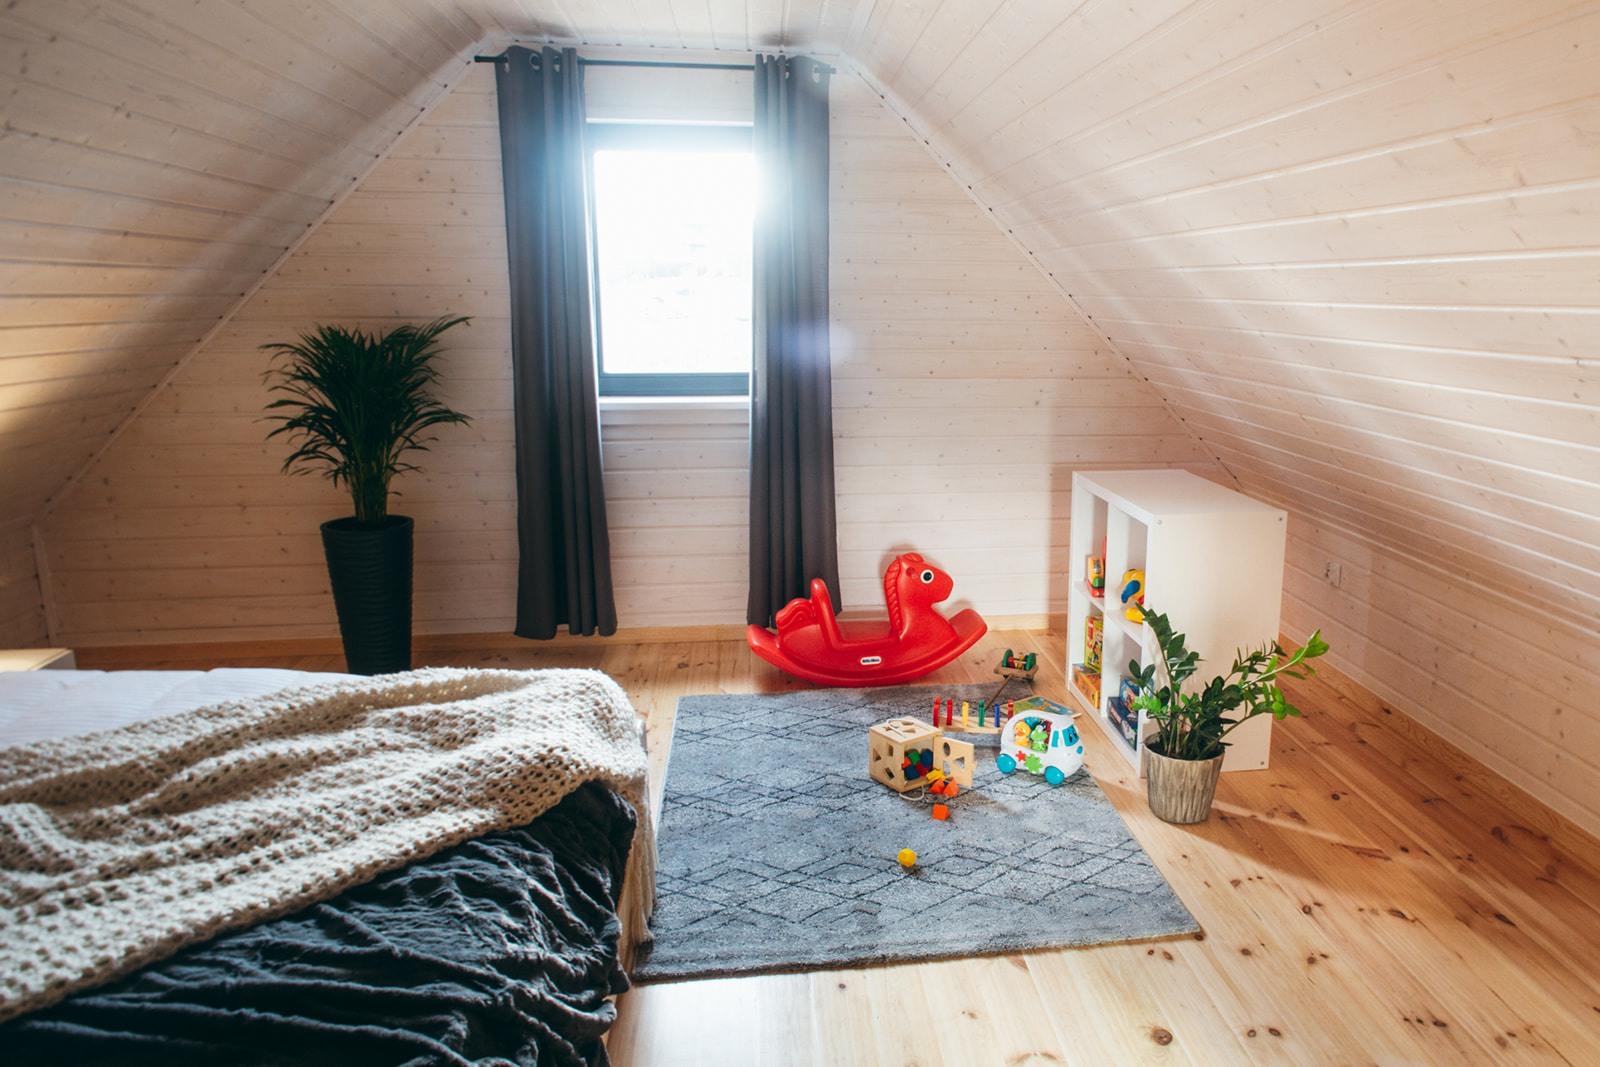 Domki nad Jeziorem Żywieckim, wnętrze, sypialnia duża z przestrzenią dla dzieci